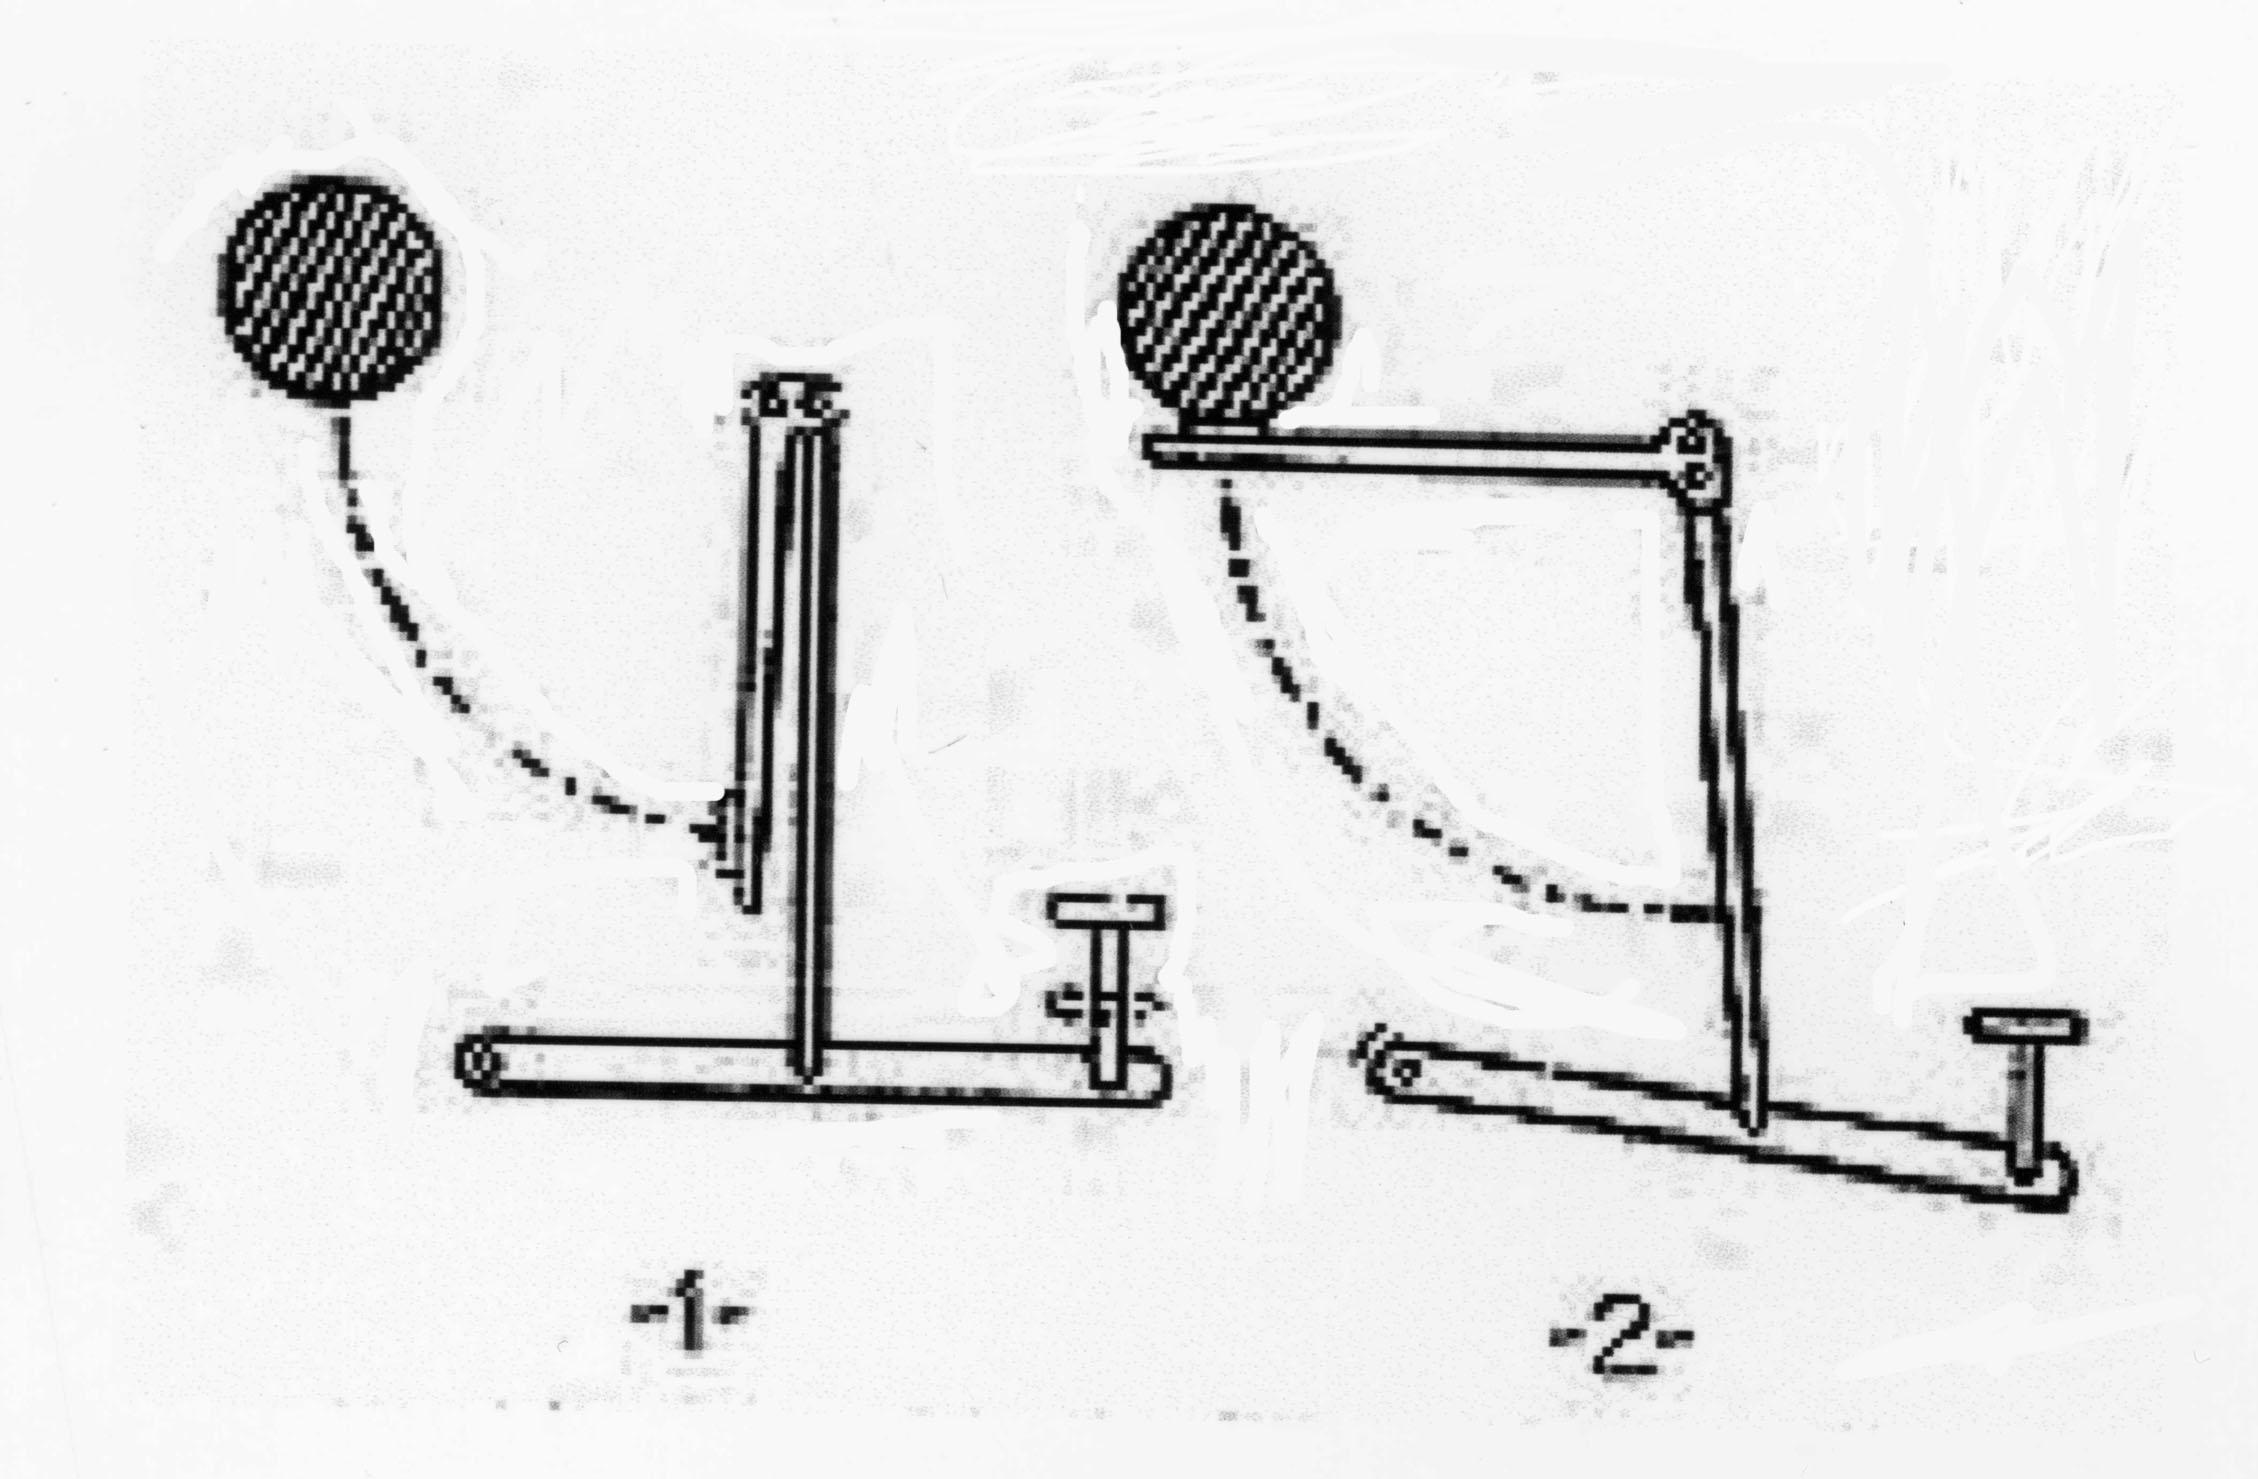 manual typewriter diagram wiring car radio explorepahistory image